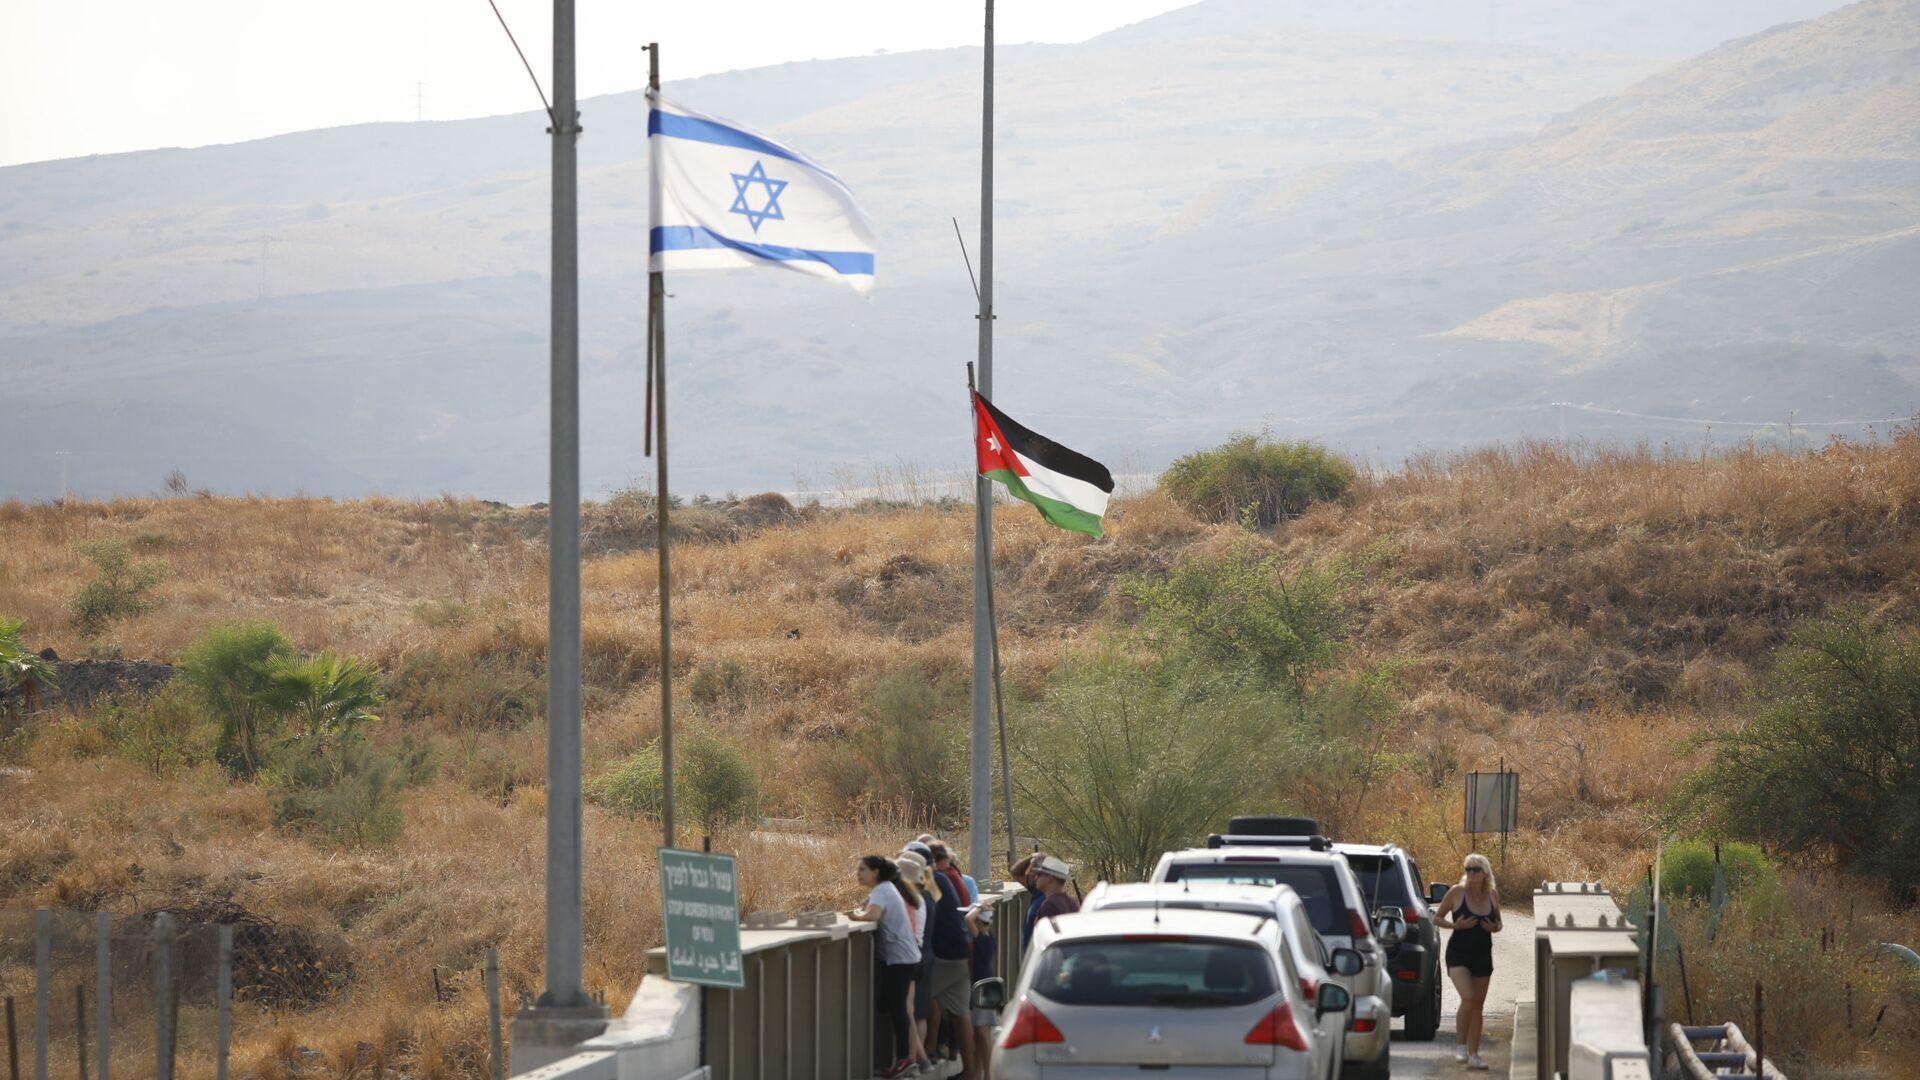 El parque de Naharayim en la frontera entre Israel y Jordania - Sputnik Mundo, 1920, 12.05.2021